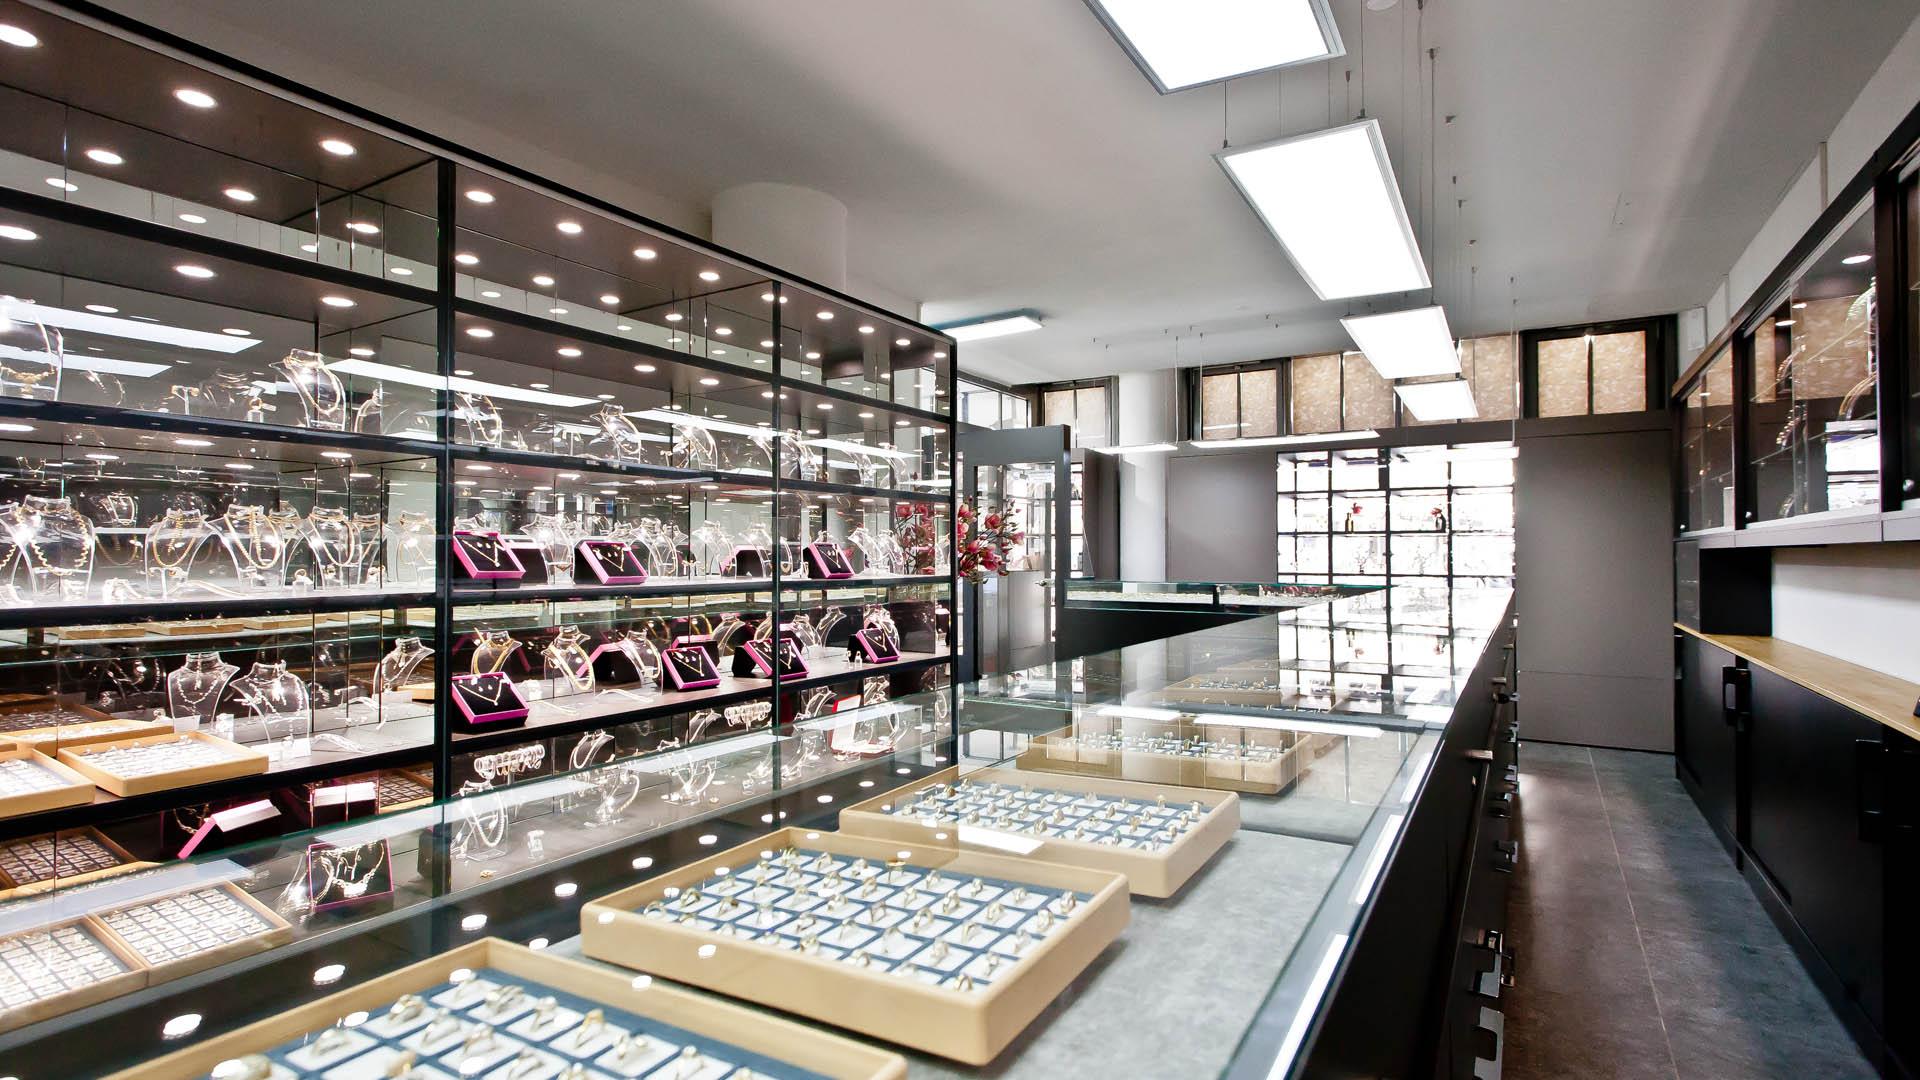 Ladenlokal Juwelier Käfer aus München Goldschmuck und Ringe